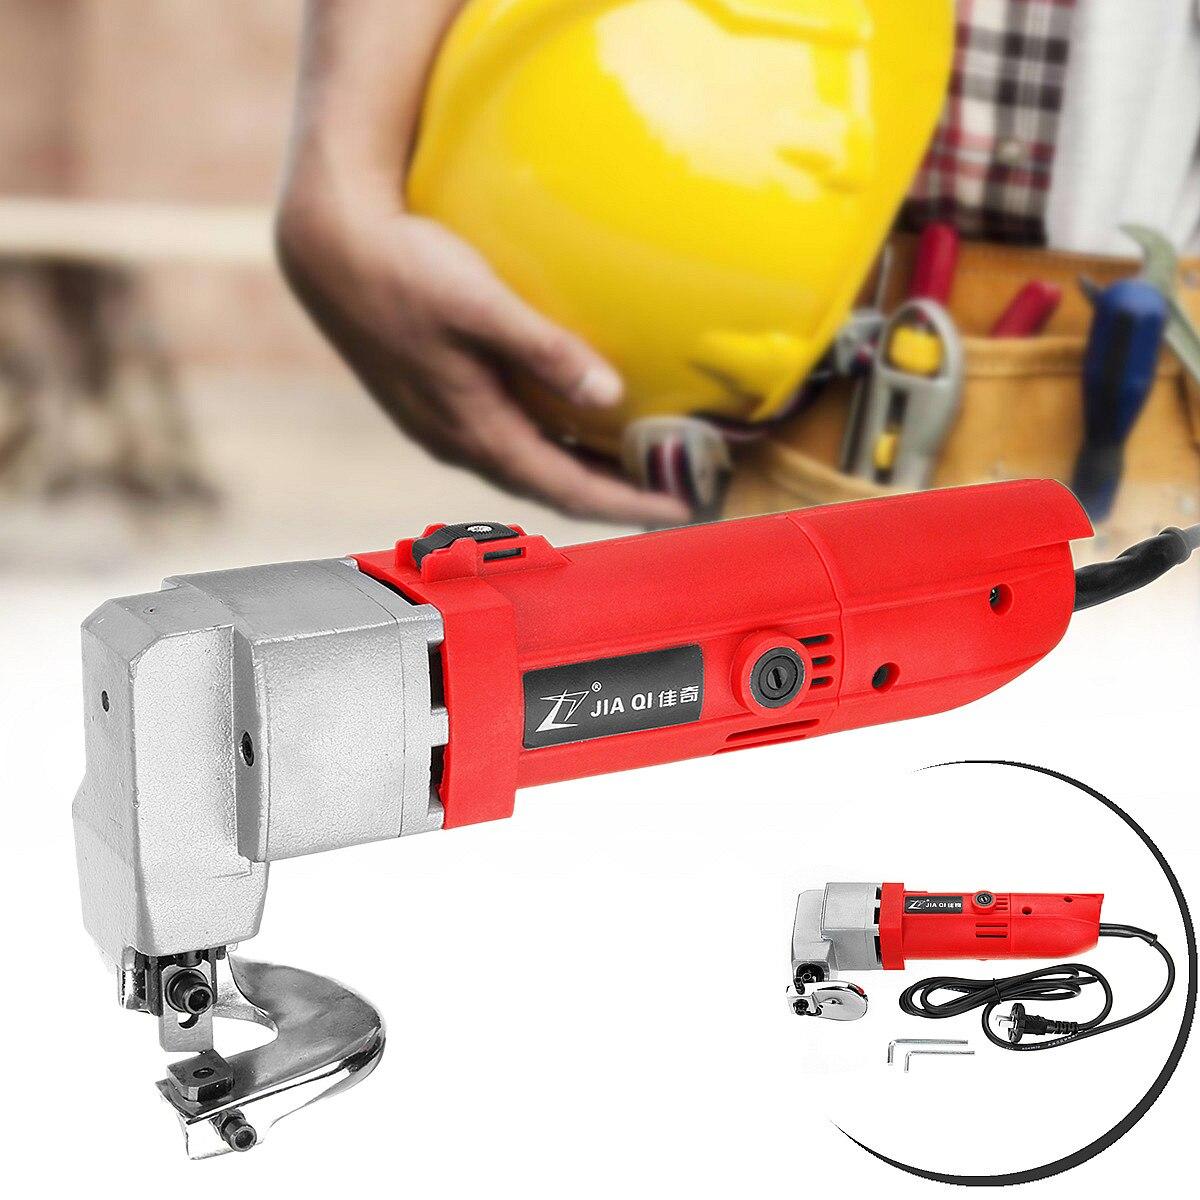 580 W 220 V 50Hz 2000r/min capacidad de corte 2,5mm profesional eléctrica hoja de Metal Shear Snip Tijera cortador herramienta Durable